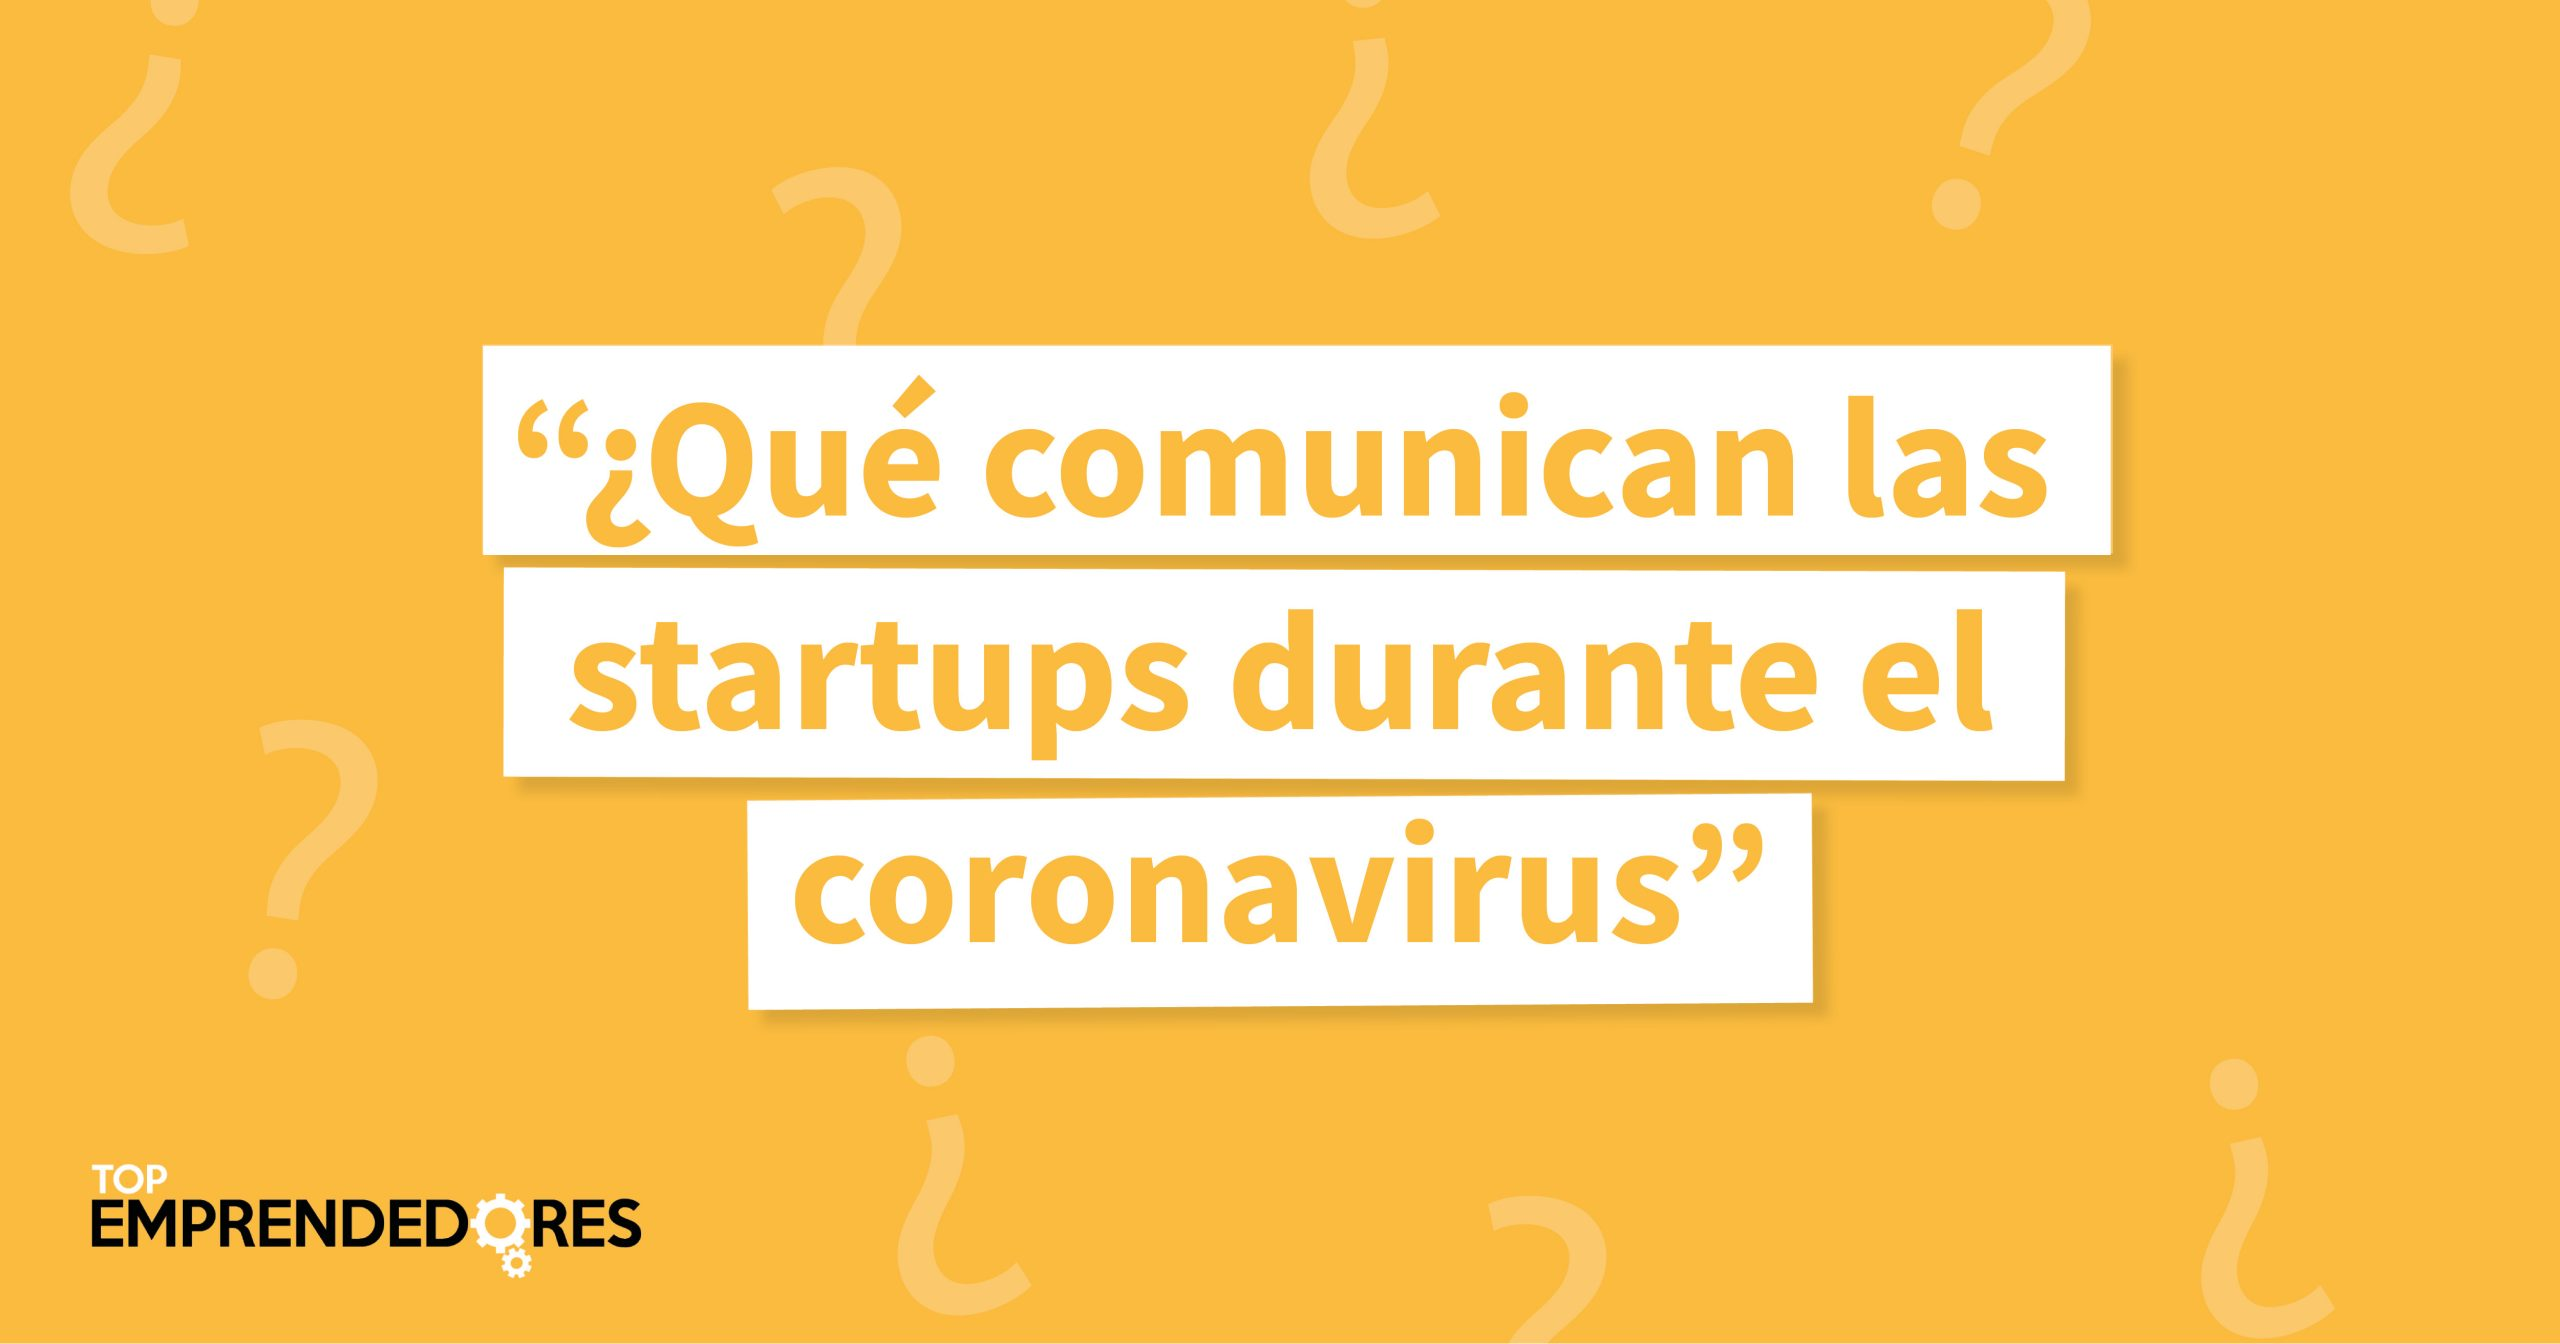 ¿Qué información comunican las startups durante la crisis del Coronavirus?